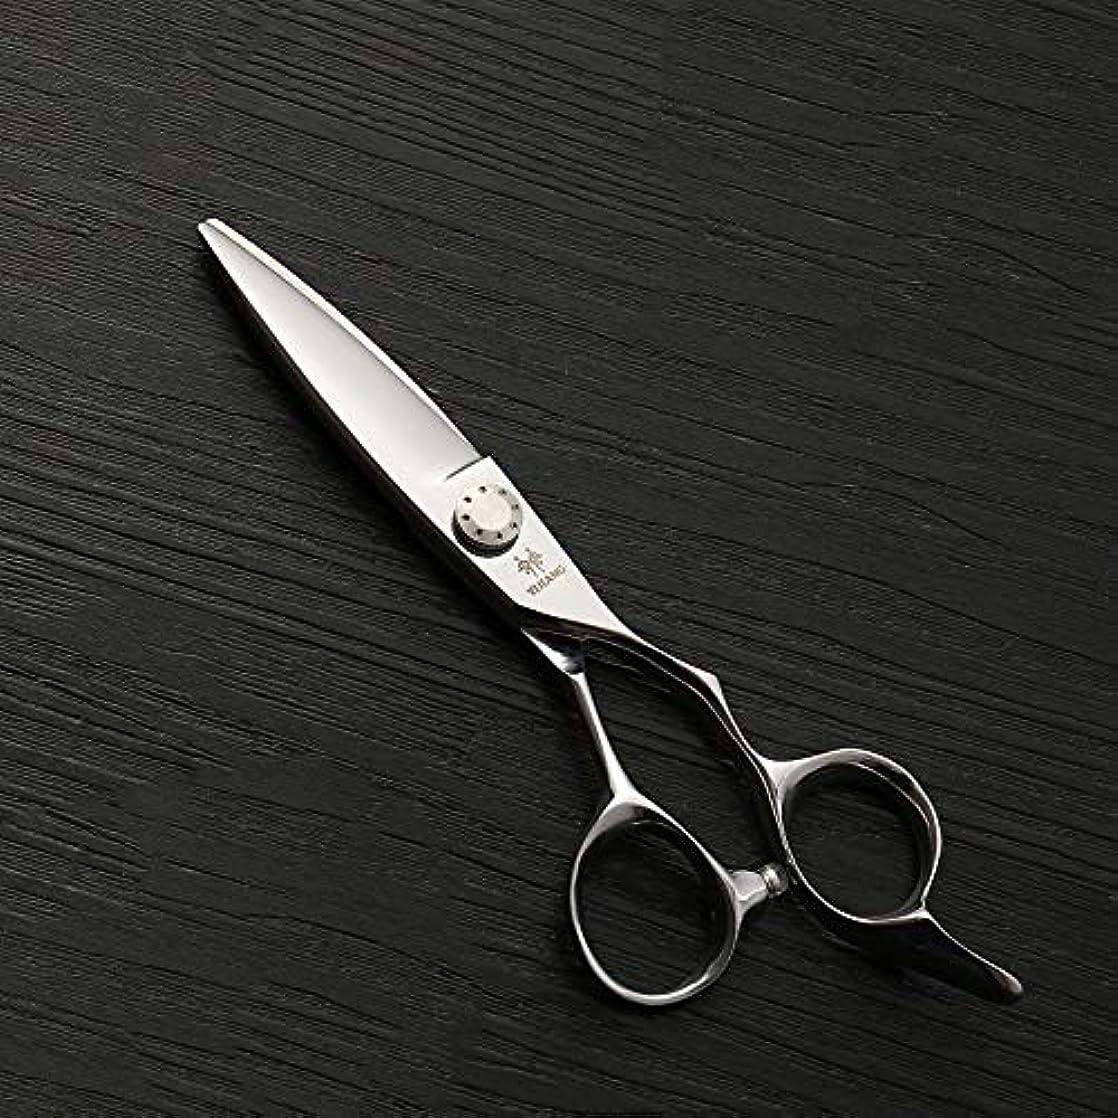 チャート城昨日理髪用はさみ 440C高品質鋼新しいトレンド散髪はさみ、6インチ美容院プロのヘアカットランセットフラットせん断ヘアカットはさみステンレス理髪はさみ (色 : Silver)